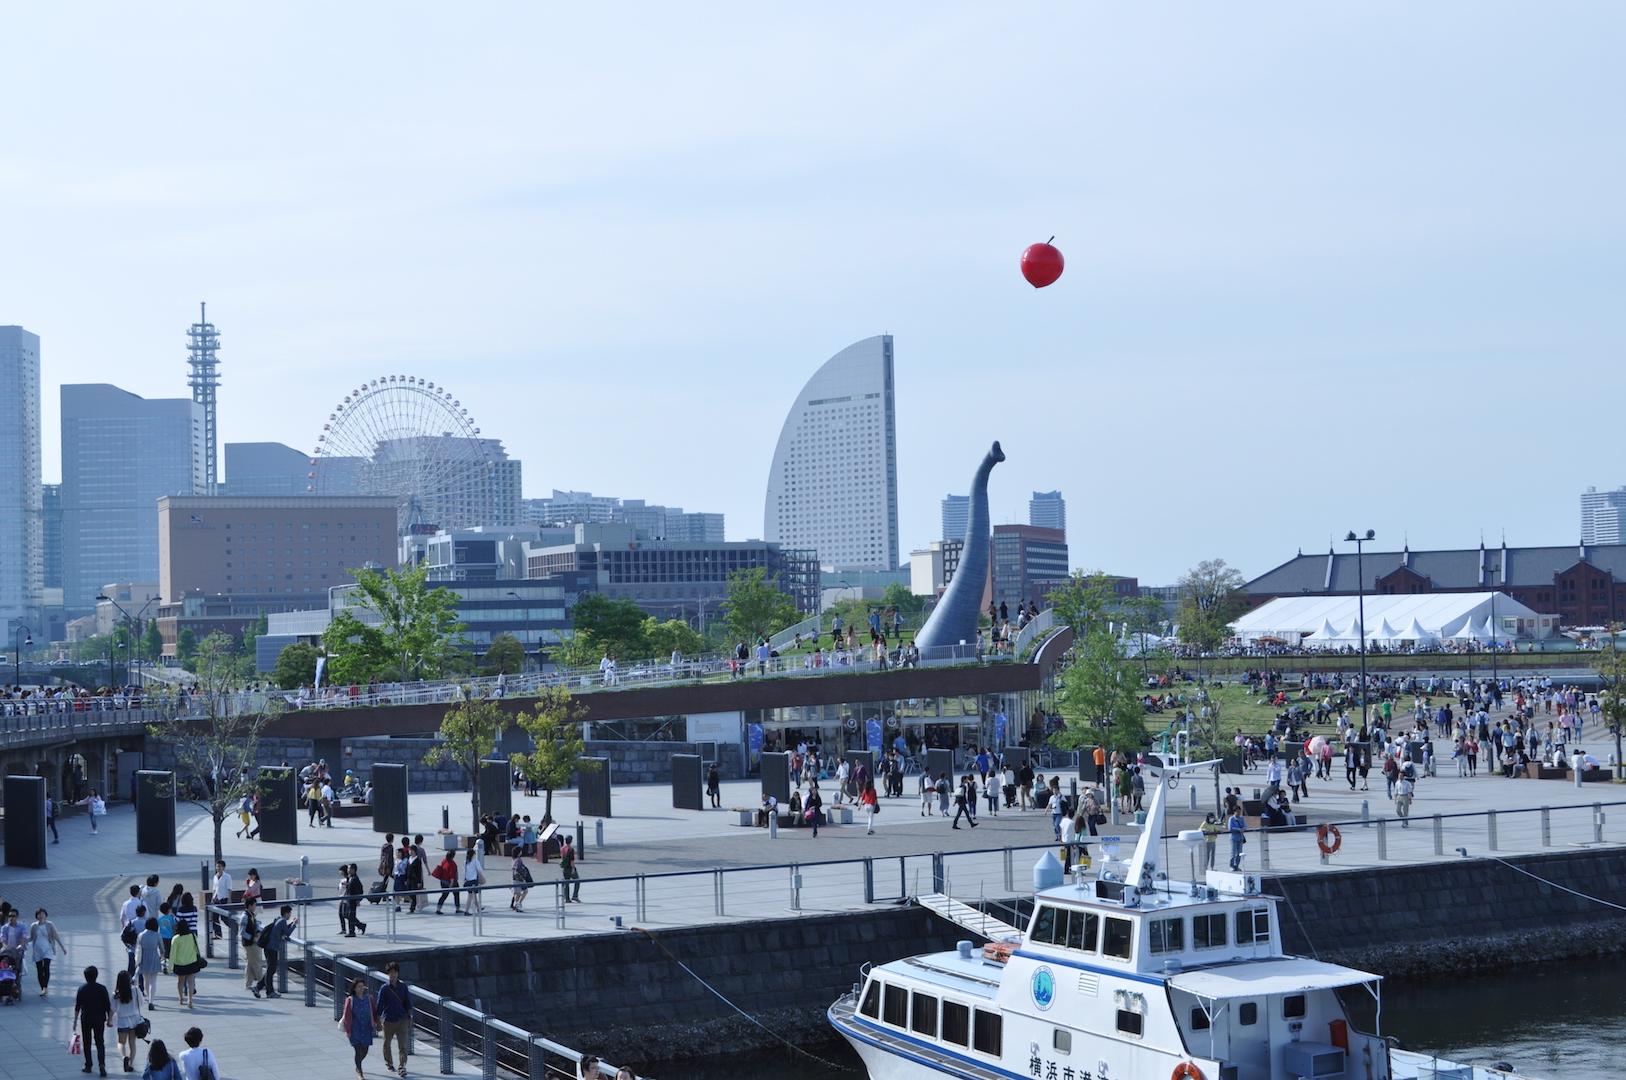 【GWおすすめ】ドラマ「世界一難しい恋」と横浜市がタイアップ観光キャンペーン開催